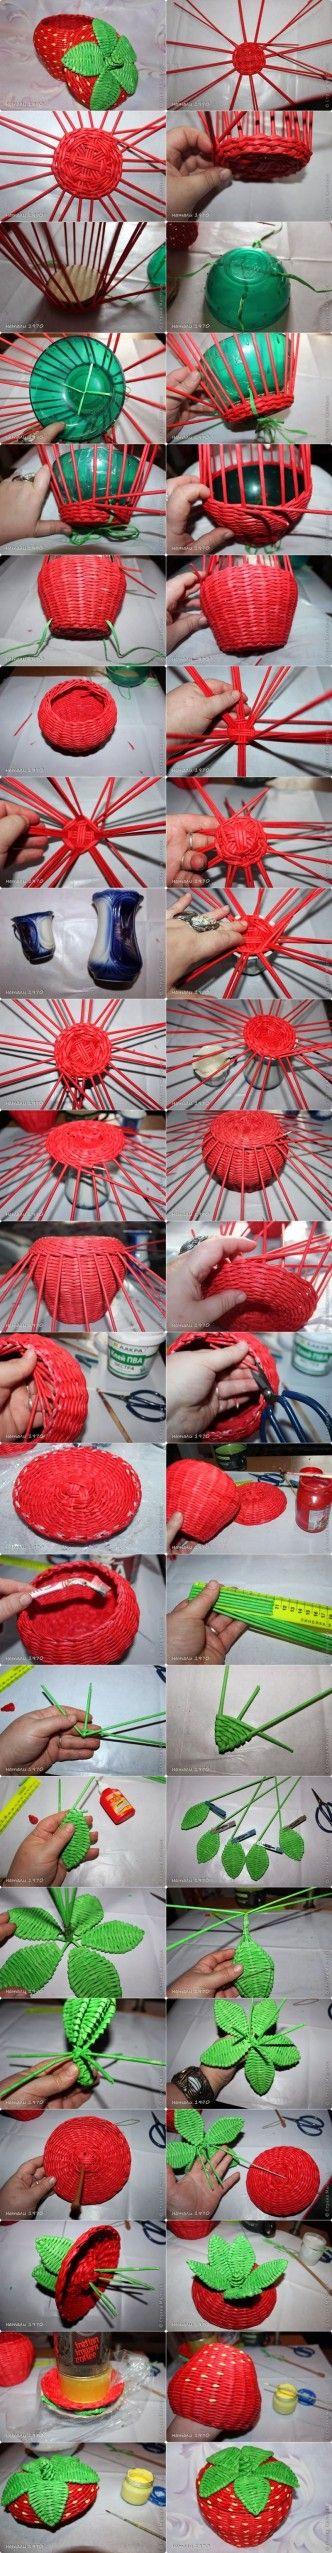 Hacer una cesta tejida forma de fresa de periódico reciclado